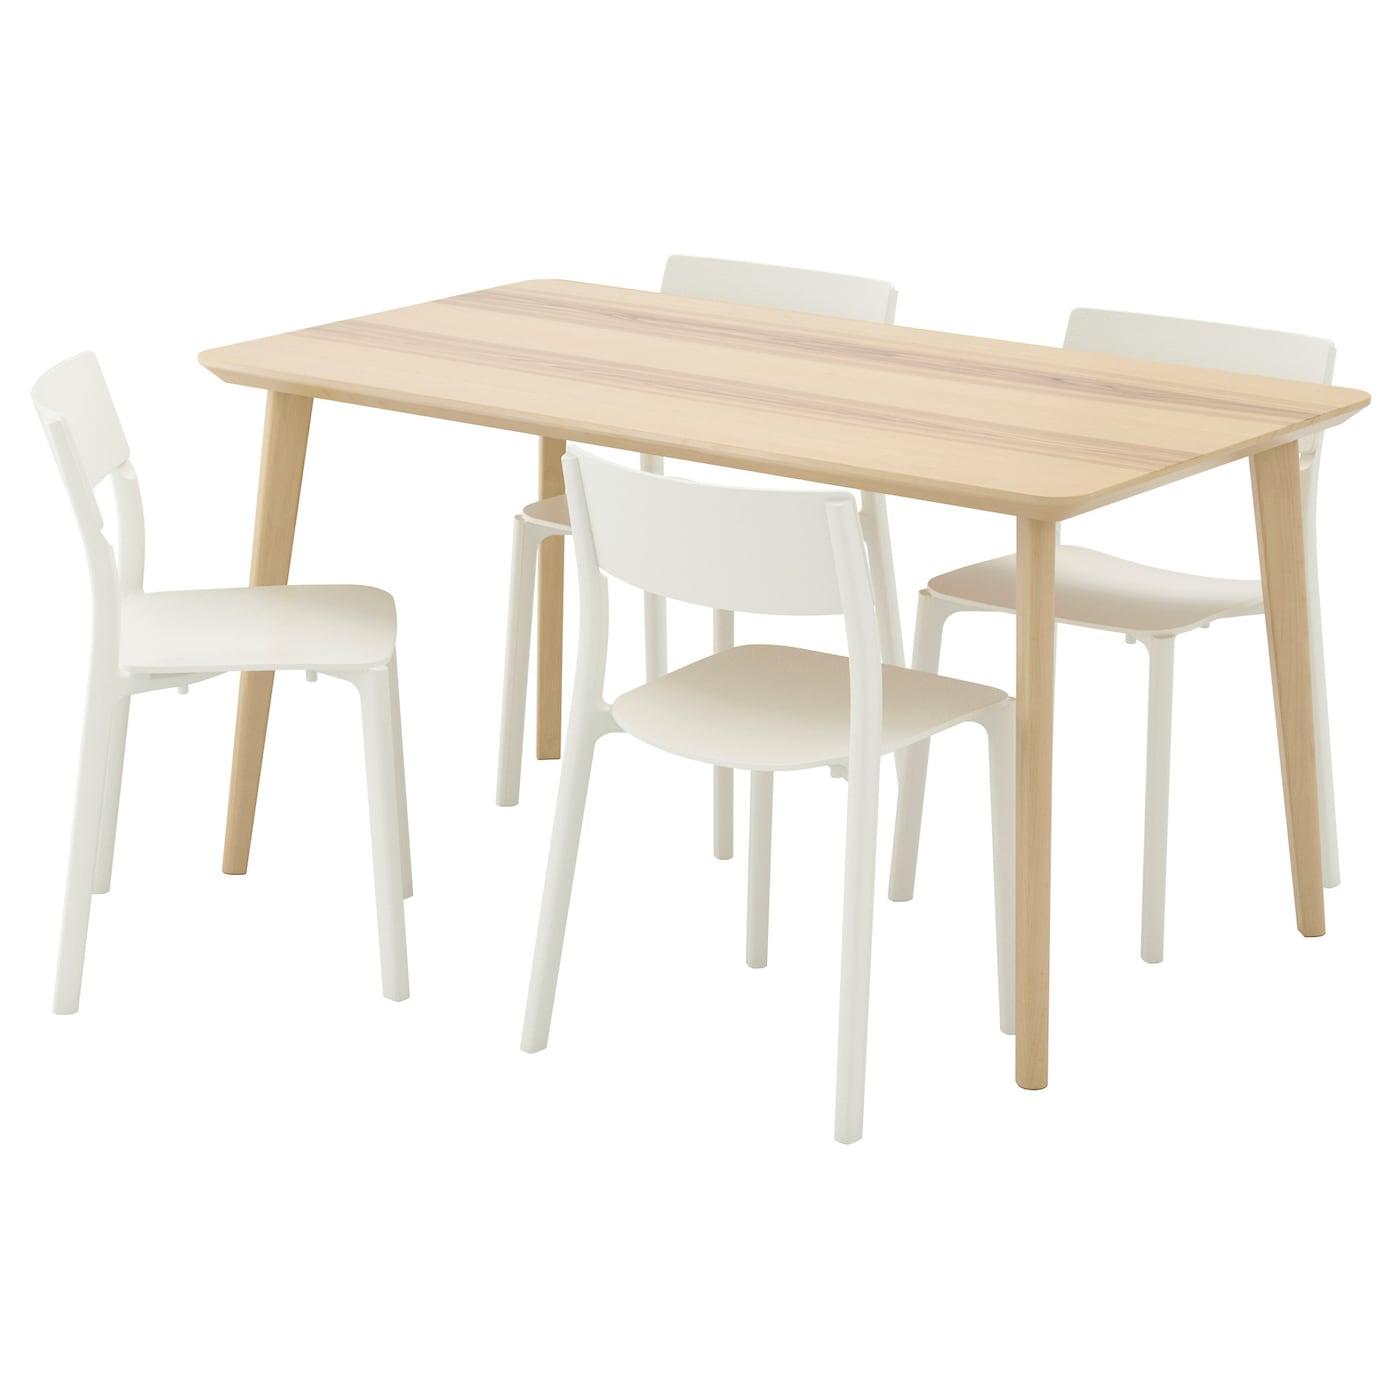 Groß Küchentische Und Stühle Nj Zeitgenössisch - Küche Set Ideen ...